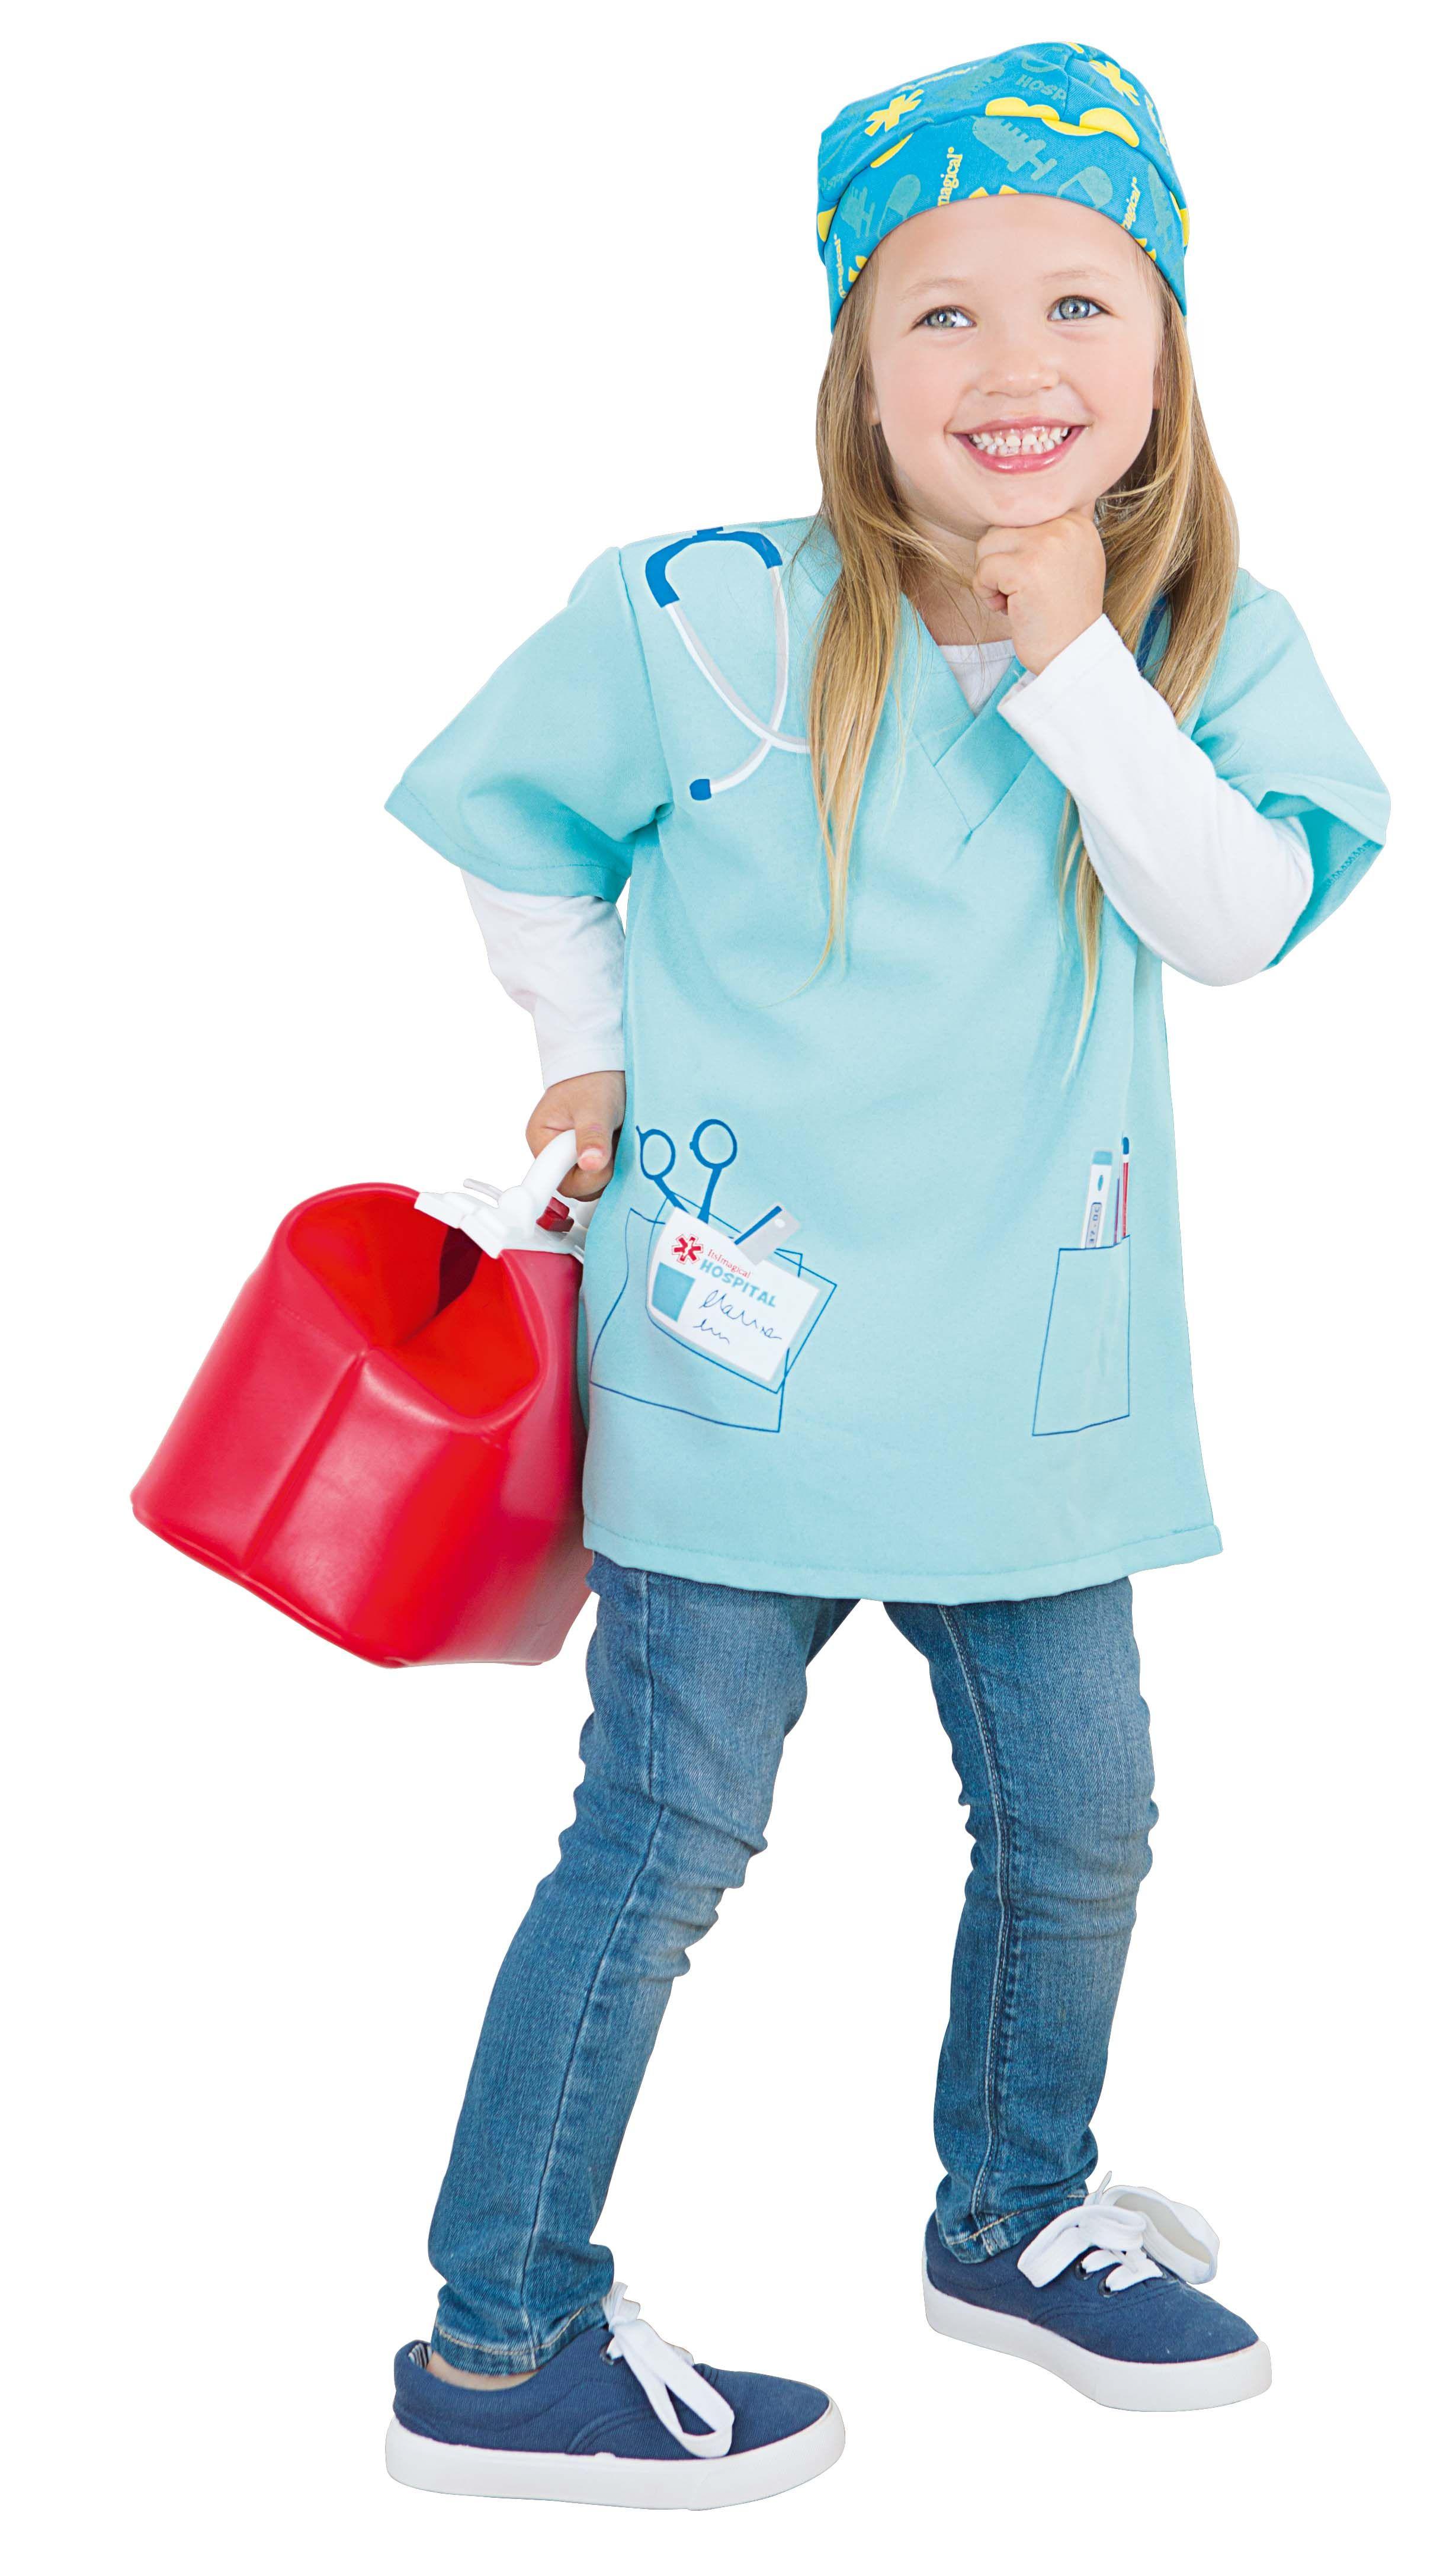 5f4835141 Increíble disfraz de cirujano para niños y niñas. También tenemos el  maletín para que puedas curar cualquier enfermedad :) ¡Descúbrelo!